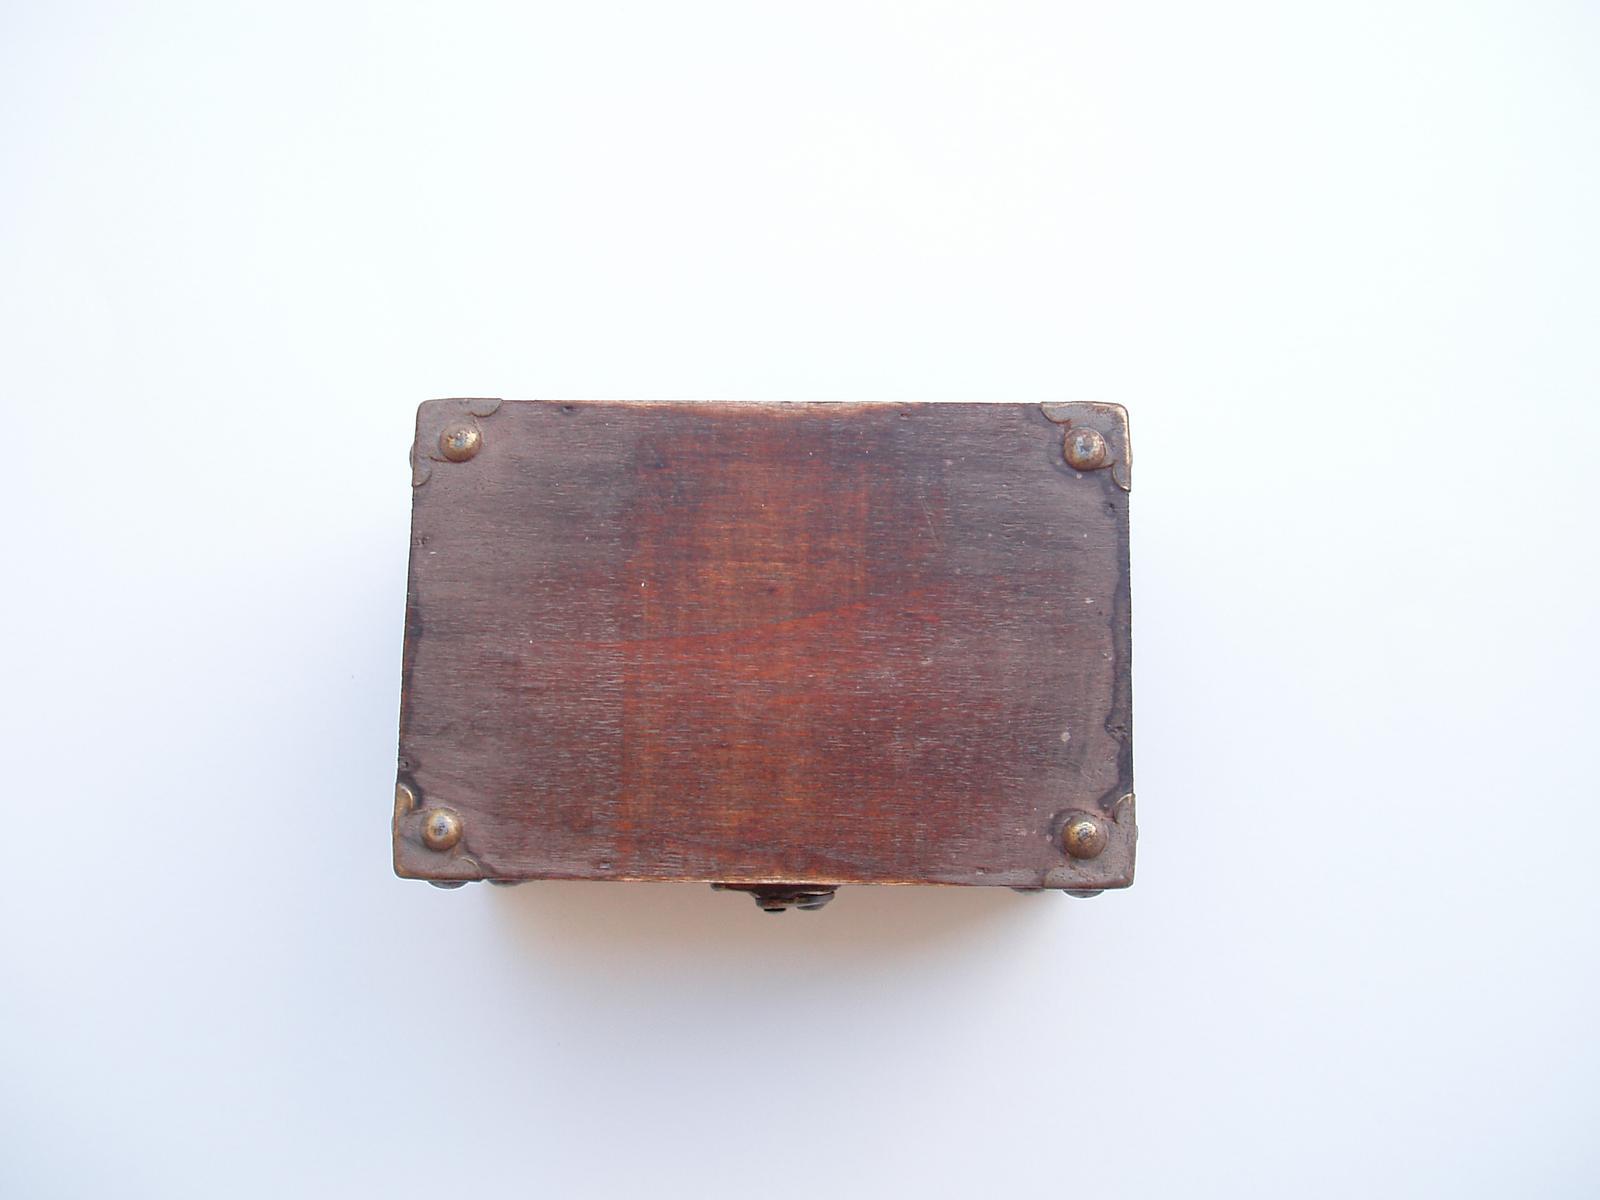 krabička-obdelník - Obrázek č. 3